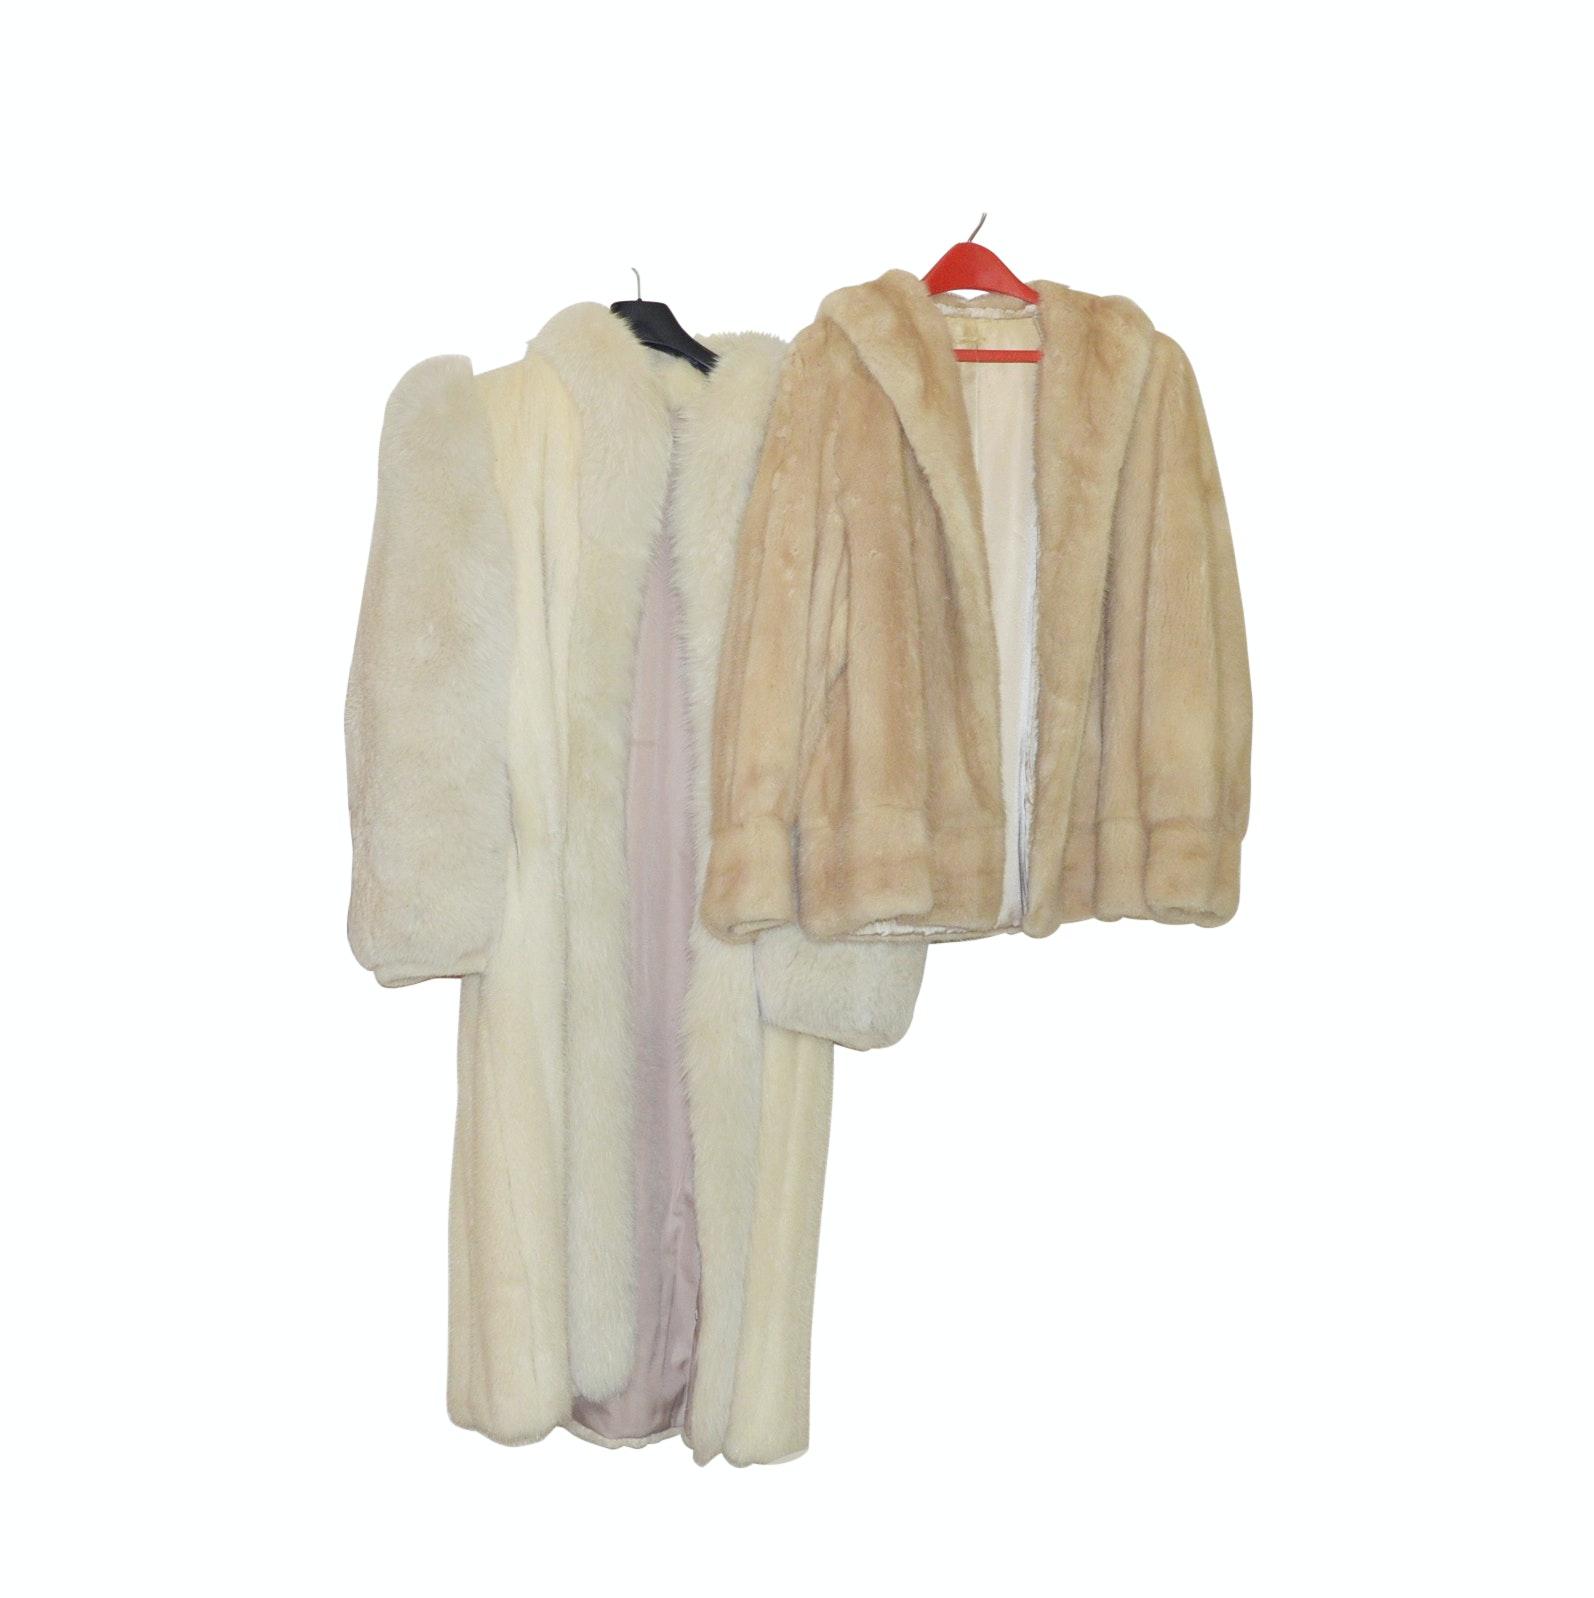 Pair of Mink Coats